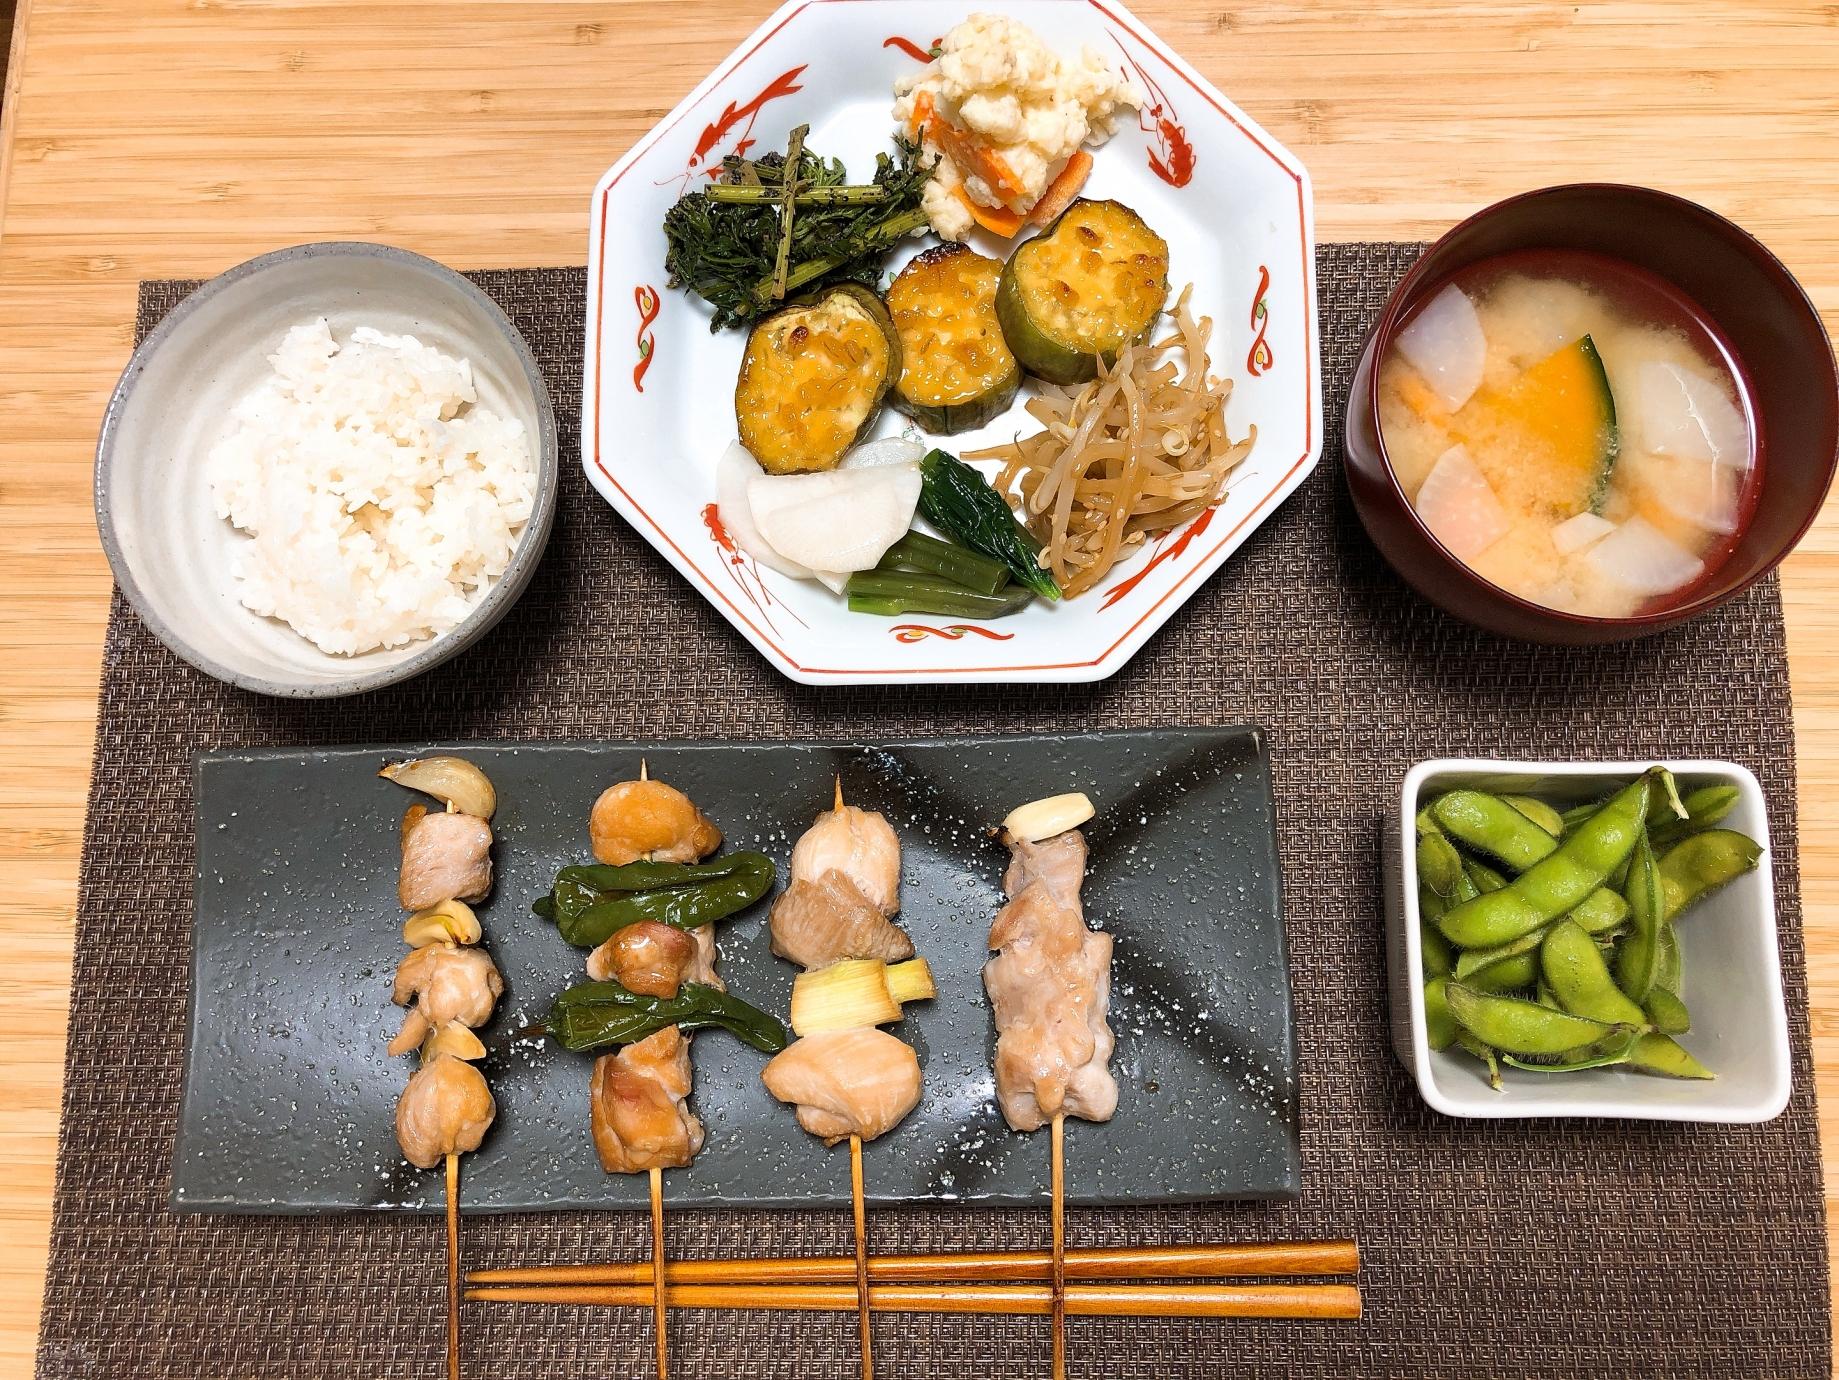 たれ 焼き鳥 レシピ の 焼き鳥のタレ by